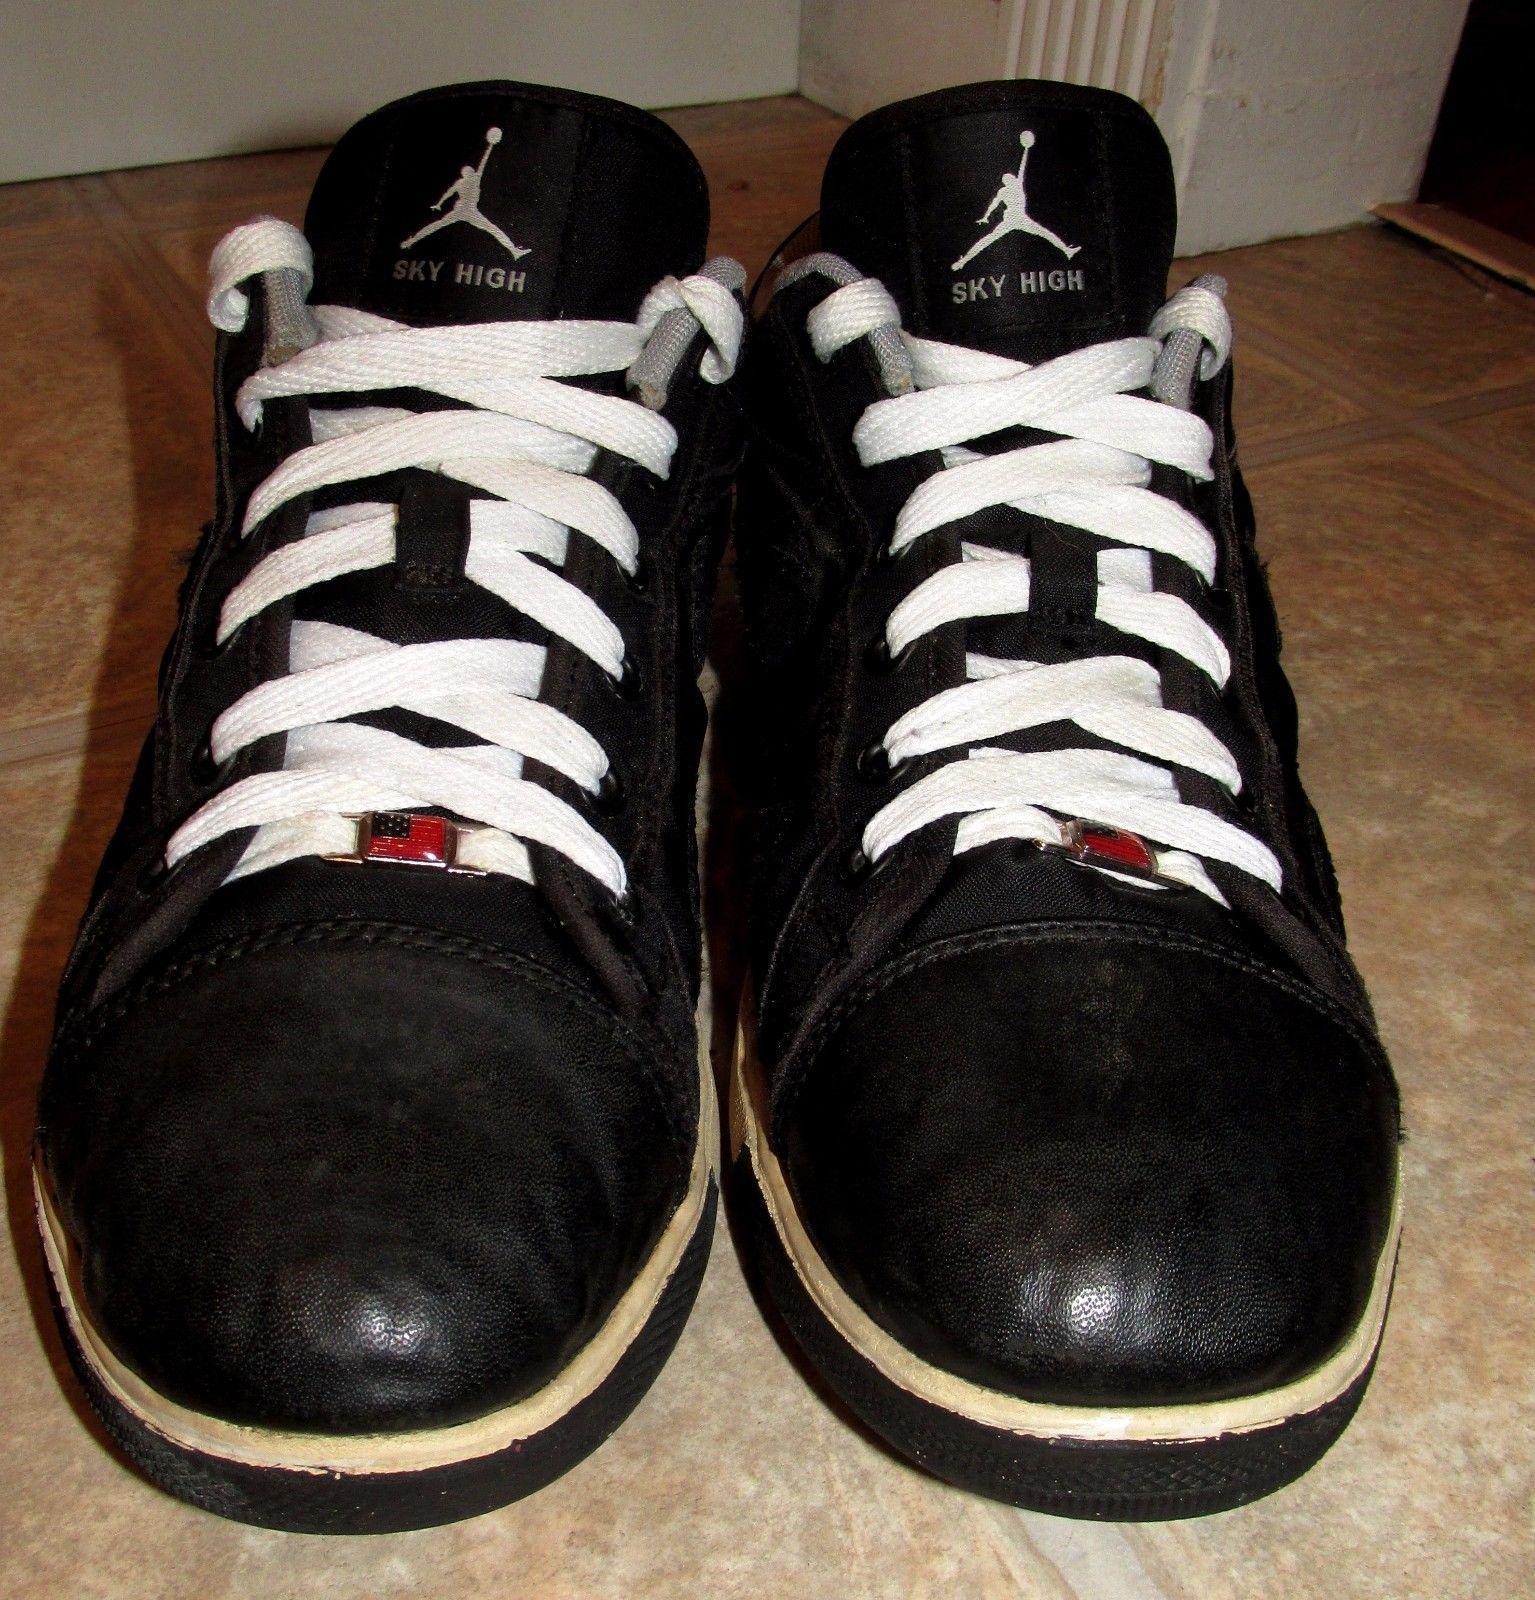 Nike Air Jordan 10 Sky High 440988-401 Shoe Sneaker Retro Low Stealth Obsidian  https://t.co/xdVGn9GtPA https://t.co/7MpNscIuIZ